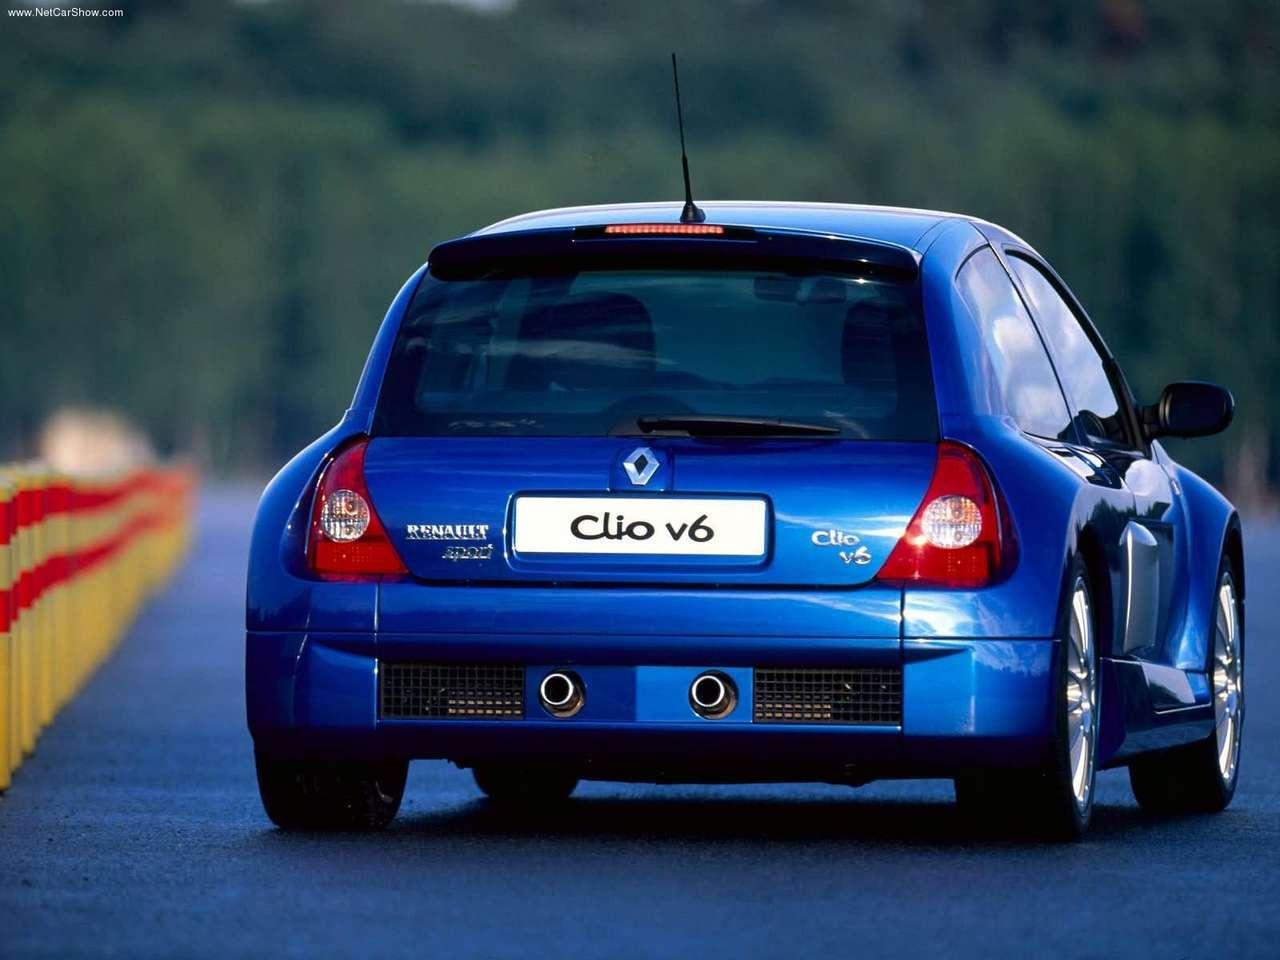 renault-clio_v6_renault_sport-2003-1280-0d.jpg